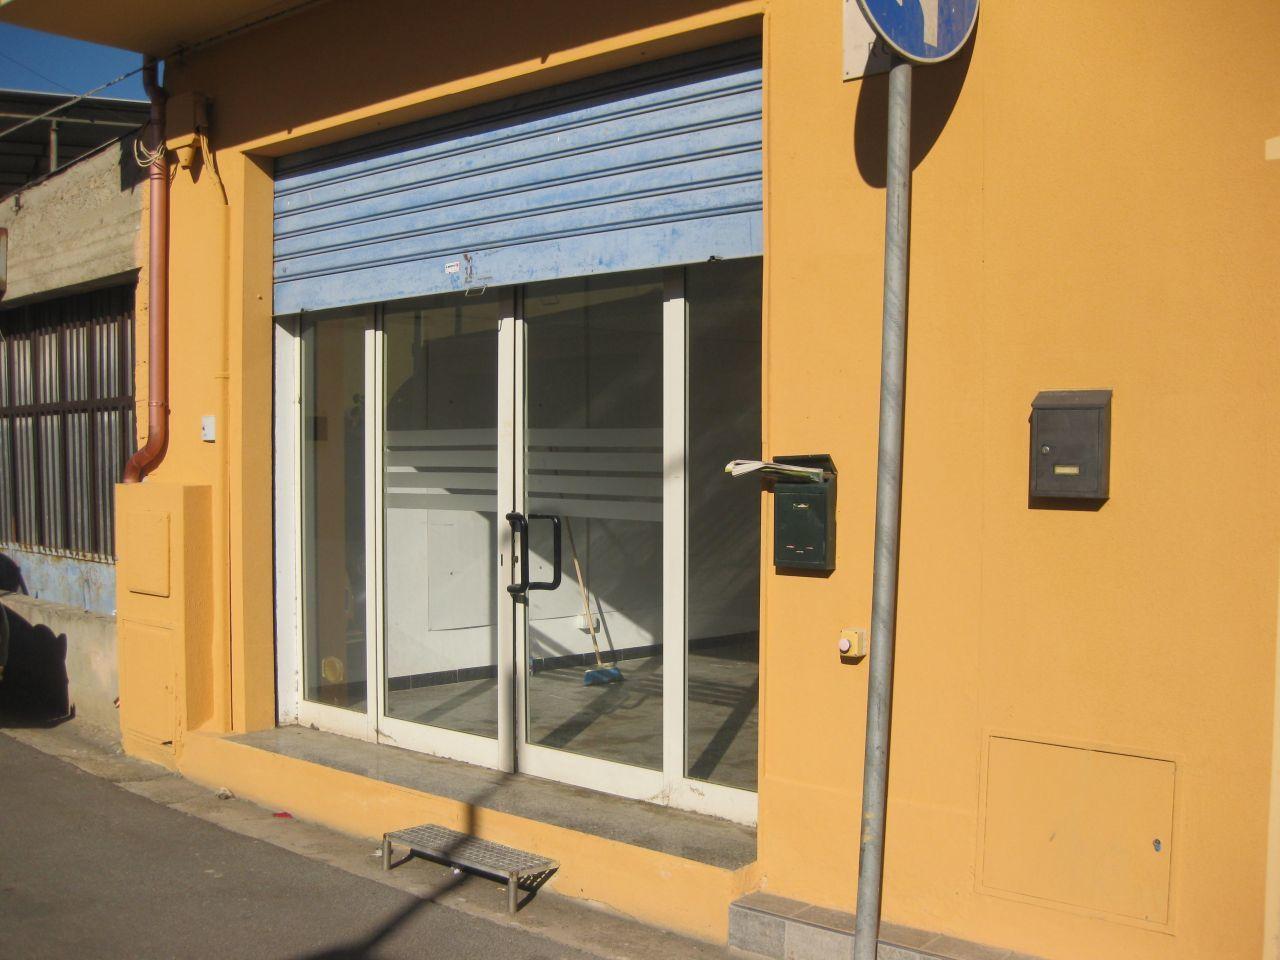 Negozio / Locale in affitto a Uta, 1 locali, prezzo € 400 | Cambio Casa.it